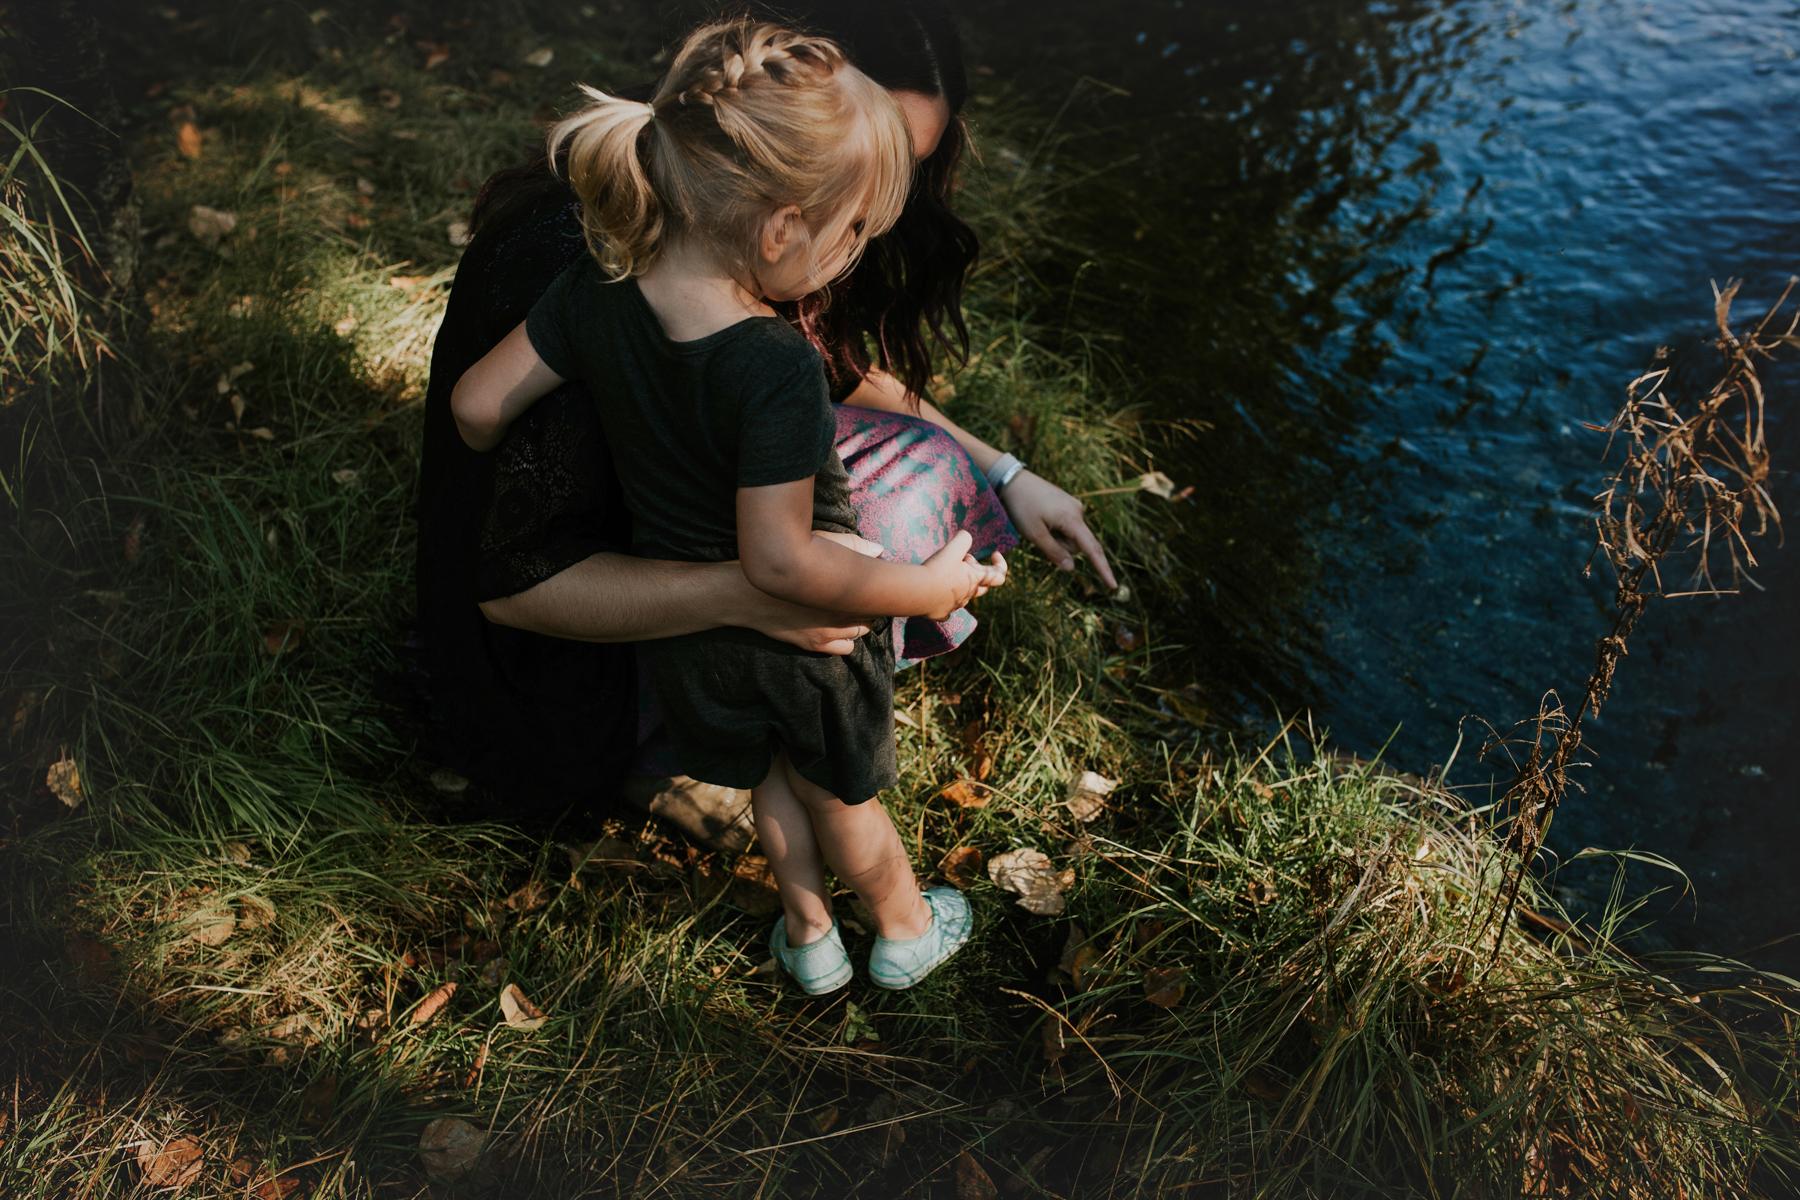 48eagleriveralasksafamilyphotographer.jpg